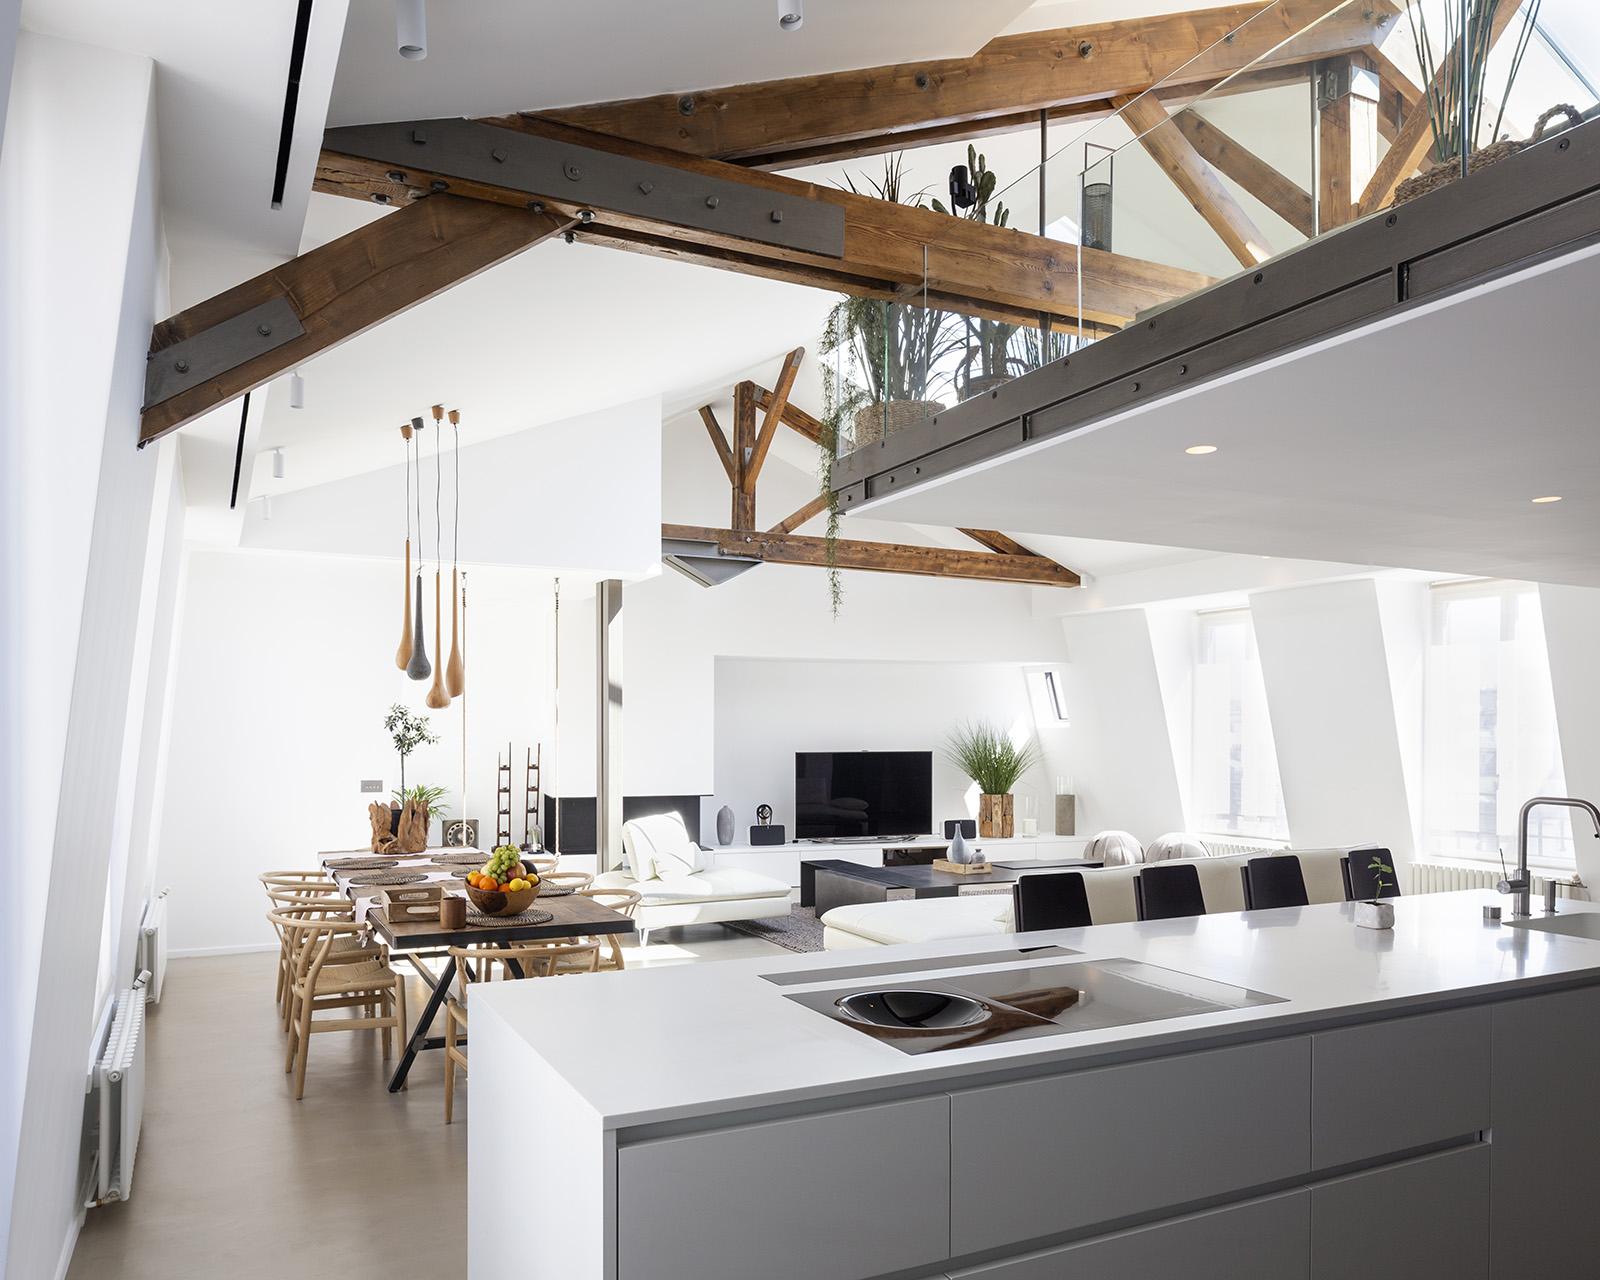 Appartement rue du renard, Paris. Architecte: Gwenaelle Morice;